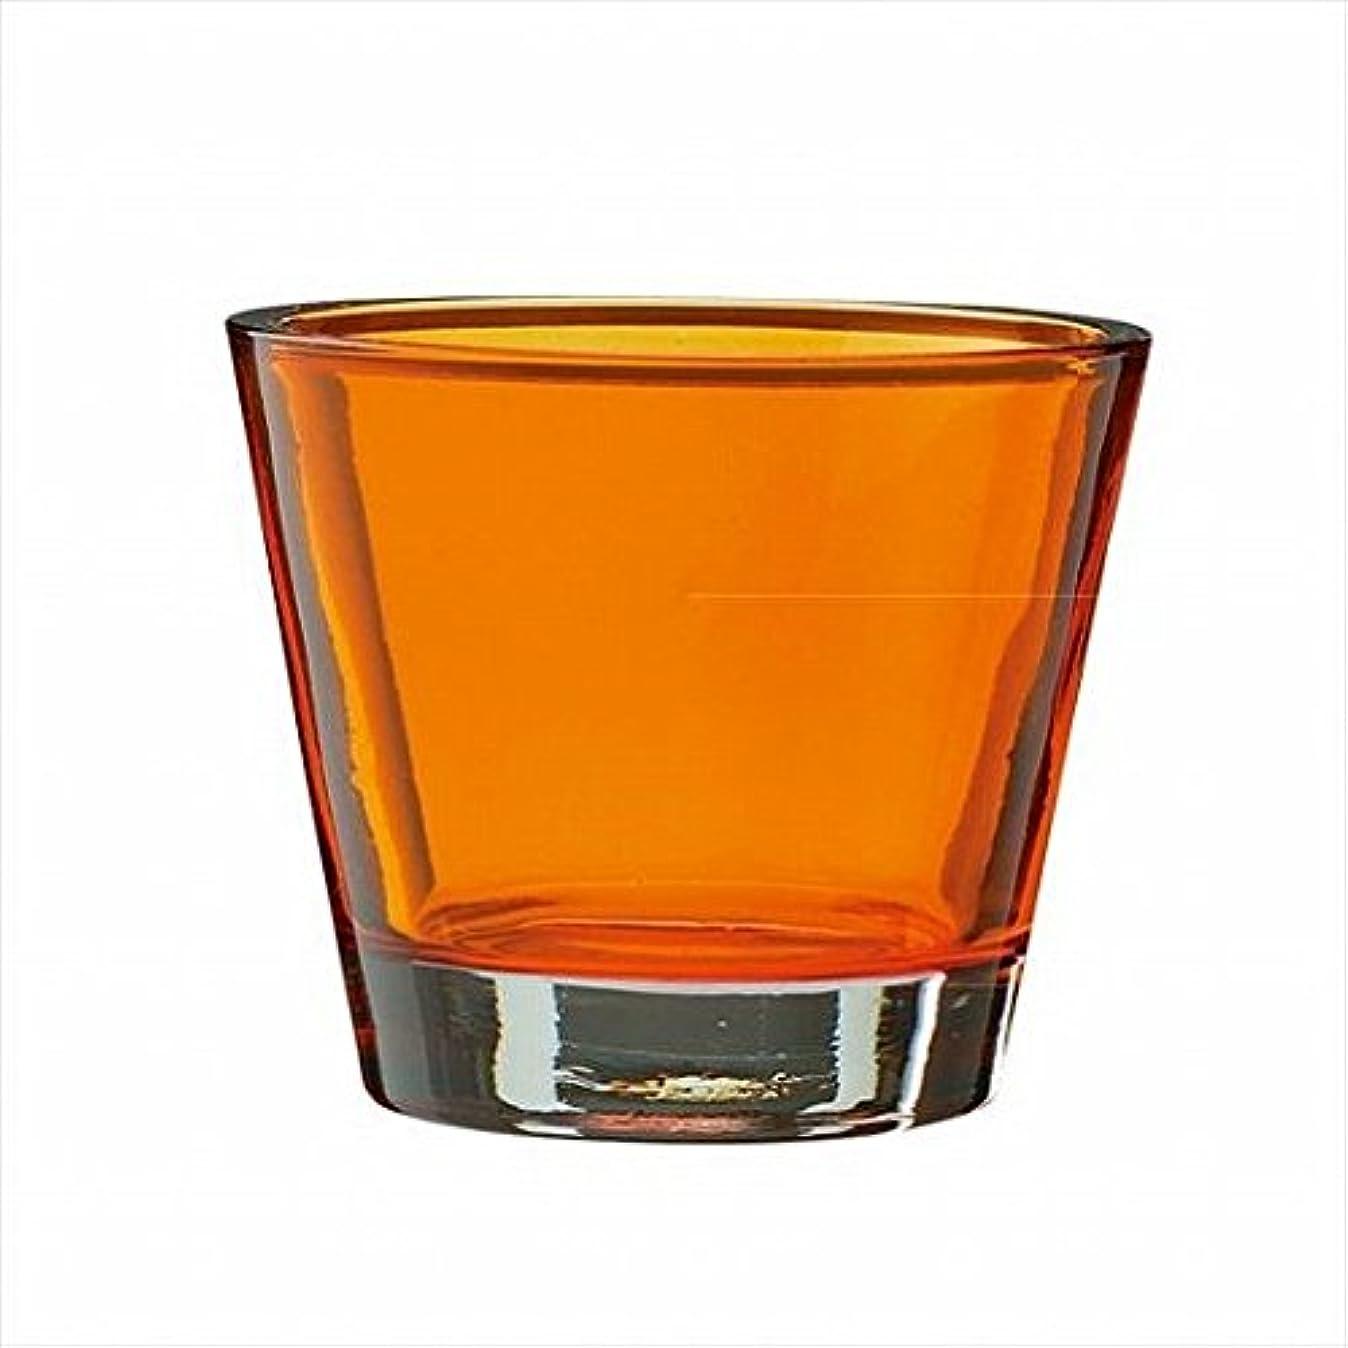 既婚悪い汚すkameyama candle(カメヤマキャンドル) カラリス 「 オレンジ 」 キャンドル 82x82x70mm (J2540000OR)